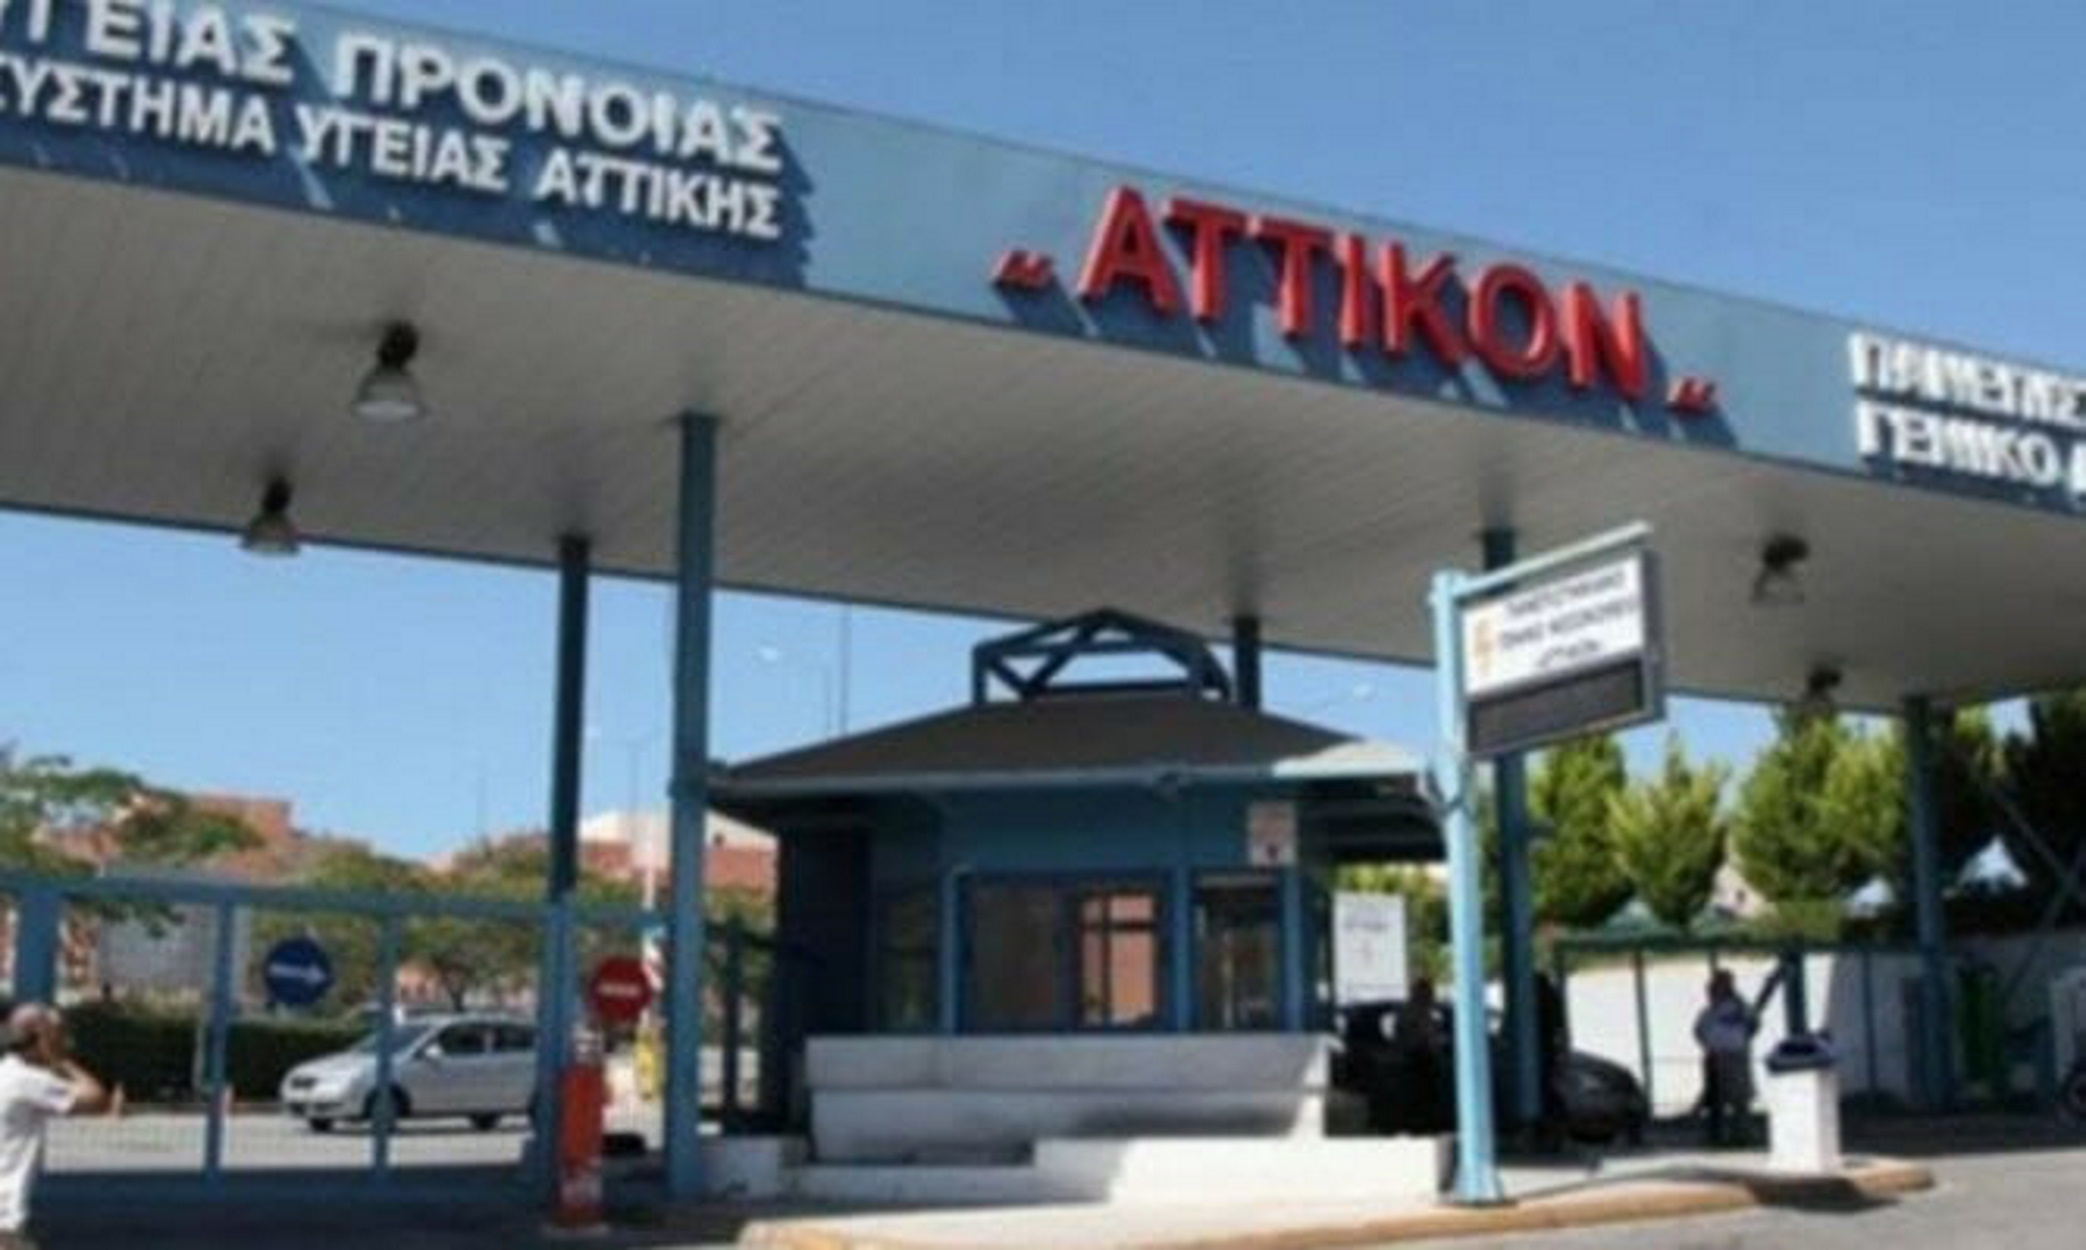 Νέος συναγερμός σε Αττικόν και Ιπποκράτειο Θεσσαλονίκης: 19 κρούσματα σε εργαζόμενους